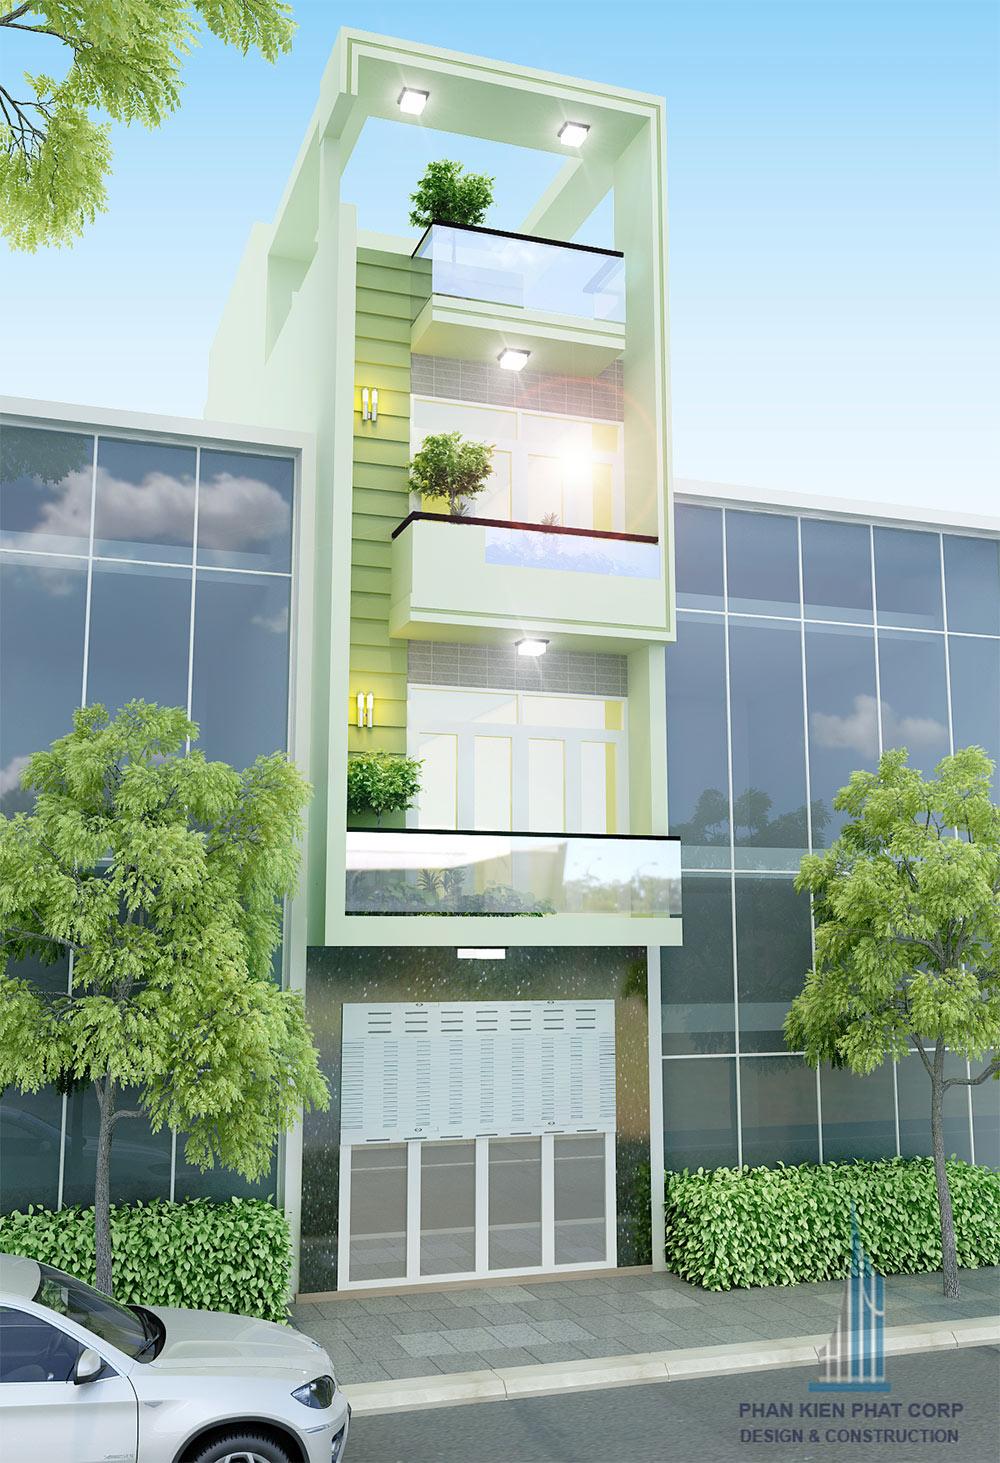 Mẫu nhà phố 4 tầng 4x15m trẻ trung hiện đại tại quận 8.